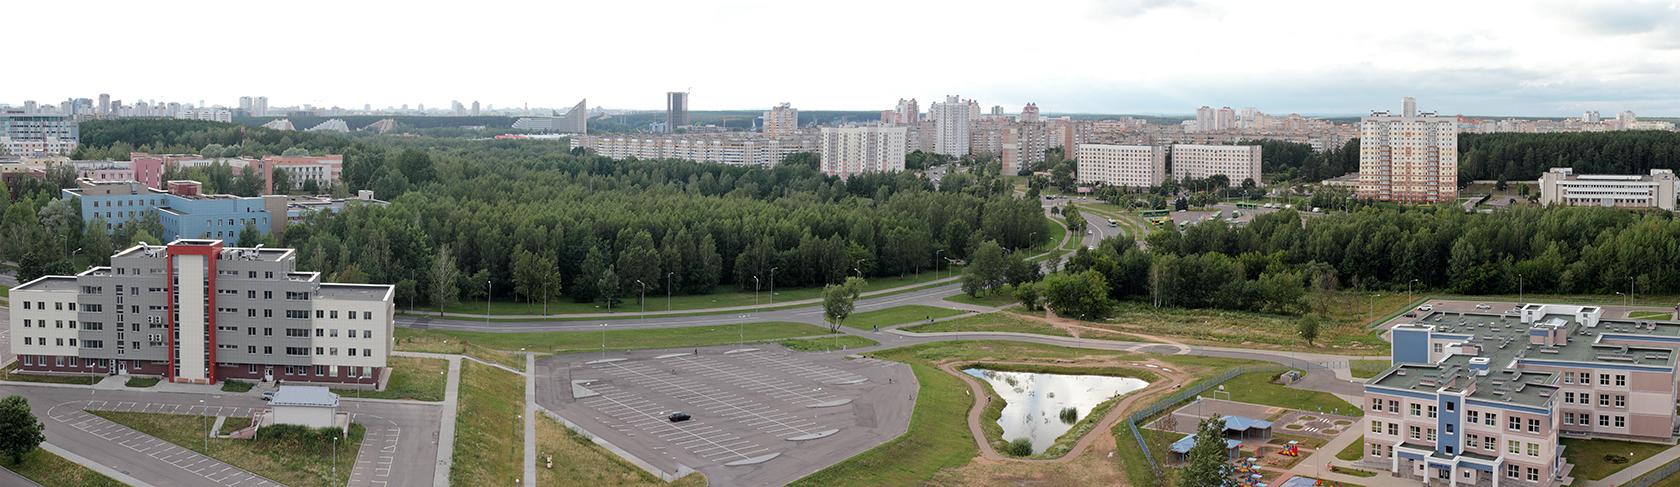 Уручье_панорама1680.jpg